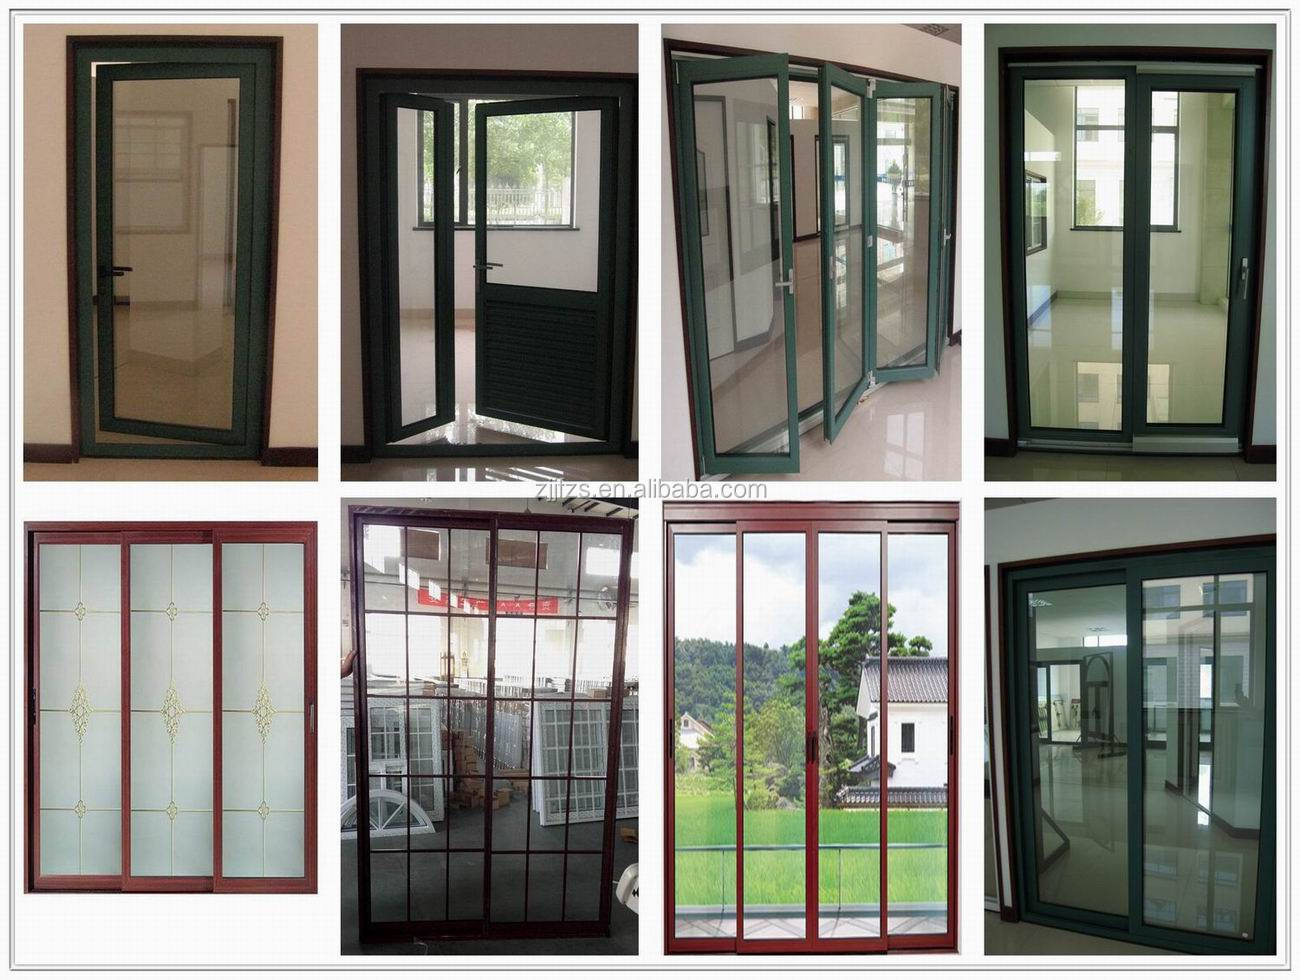 Puertas corredizas de aluminio para exteriores - Puertas acristaladas exterior ...